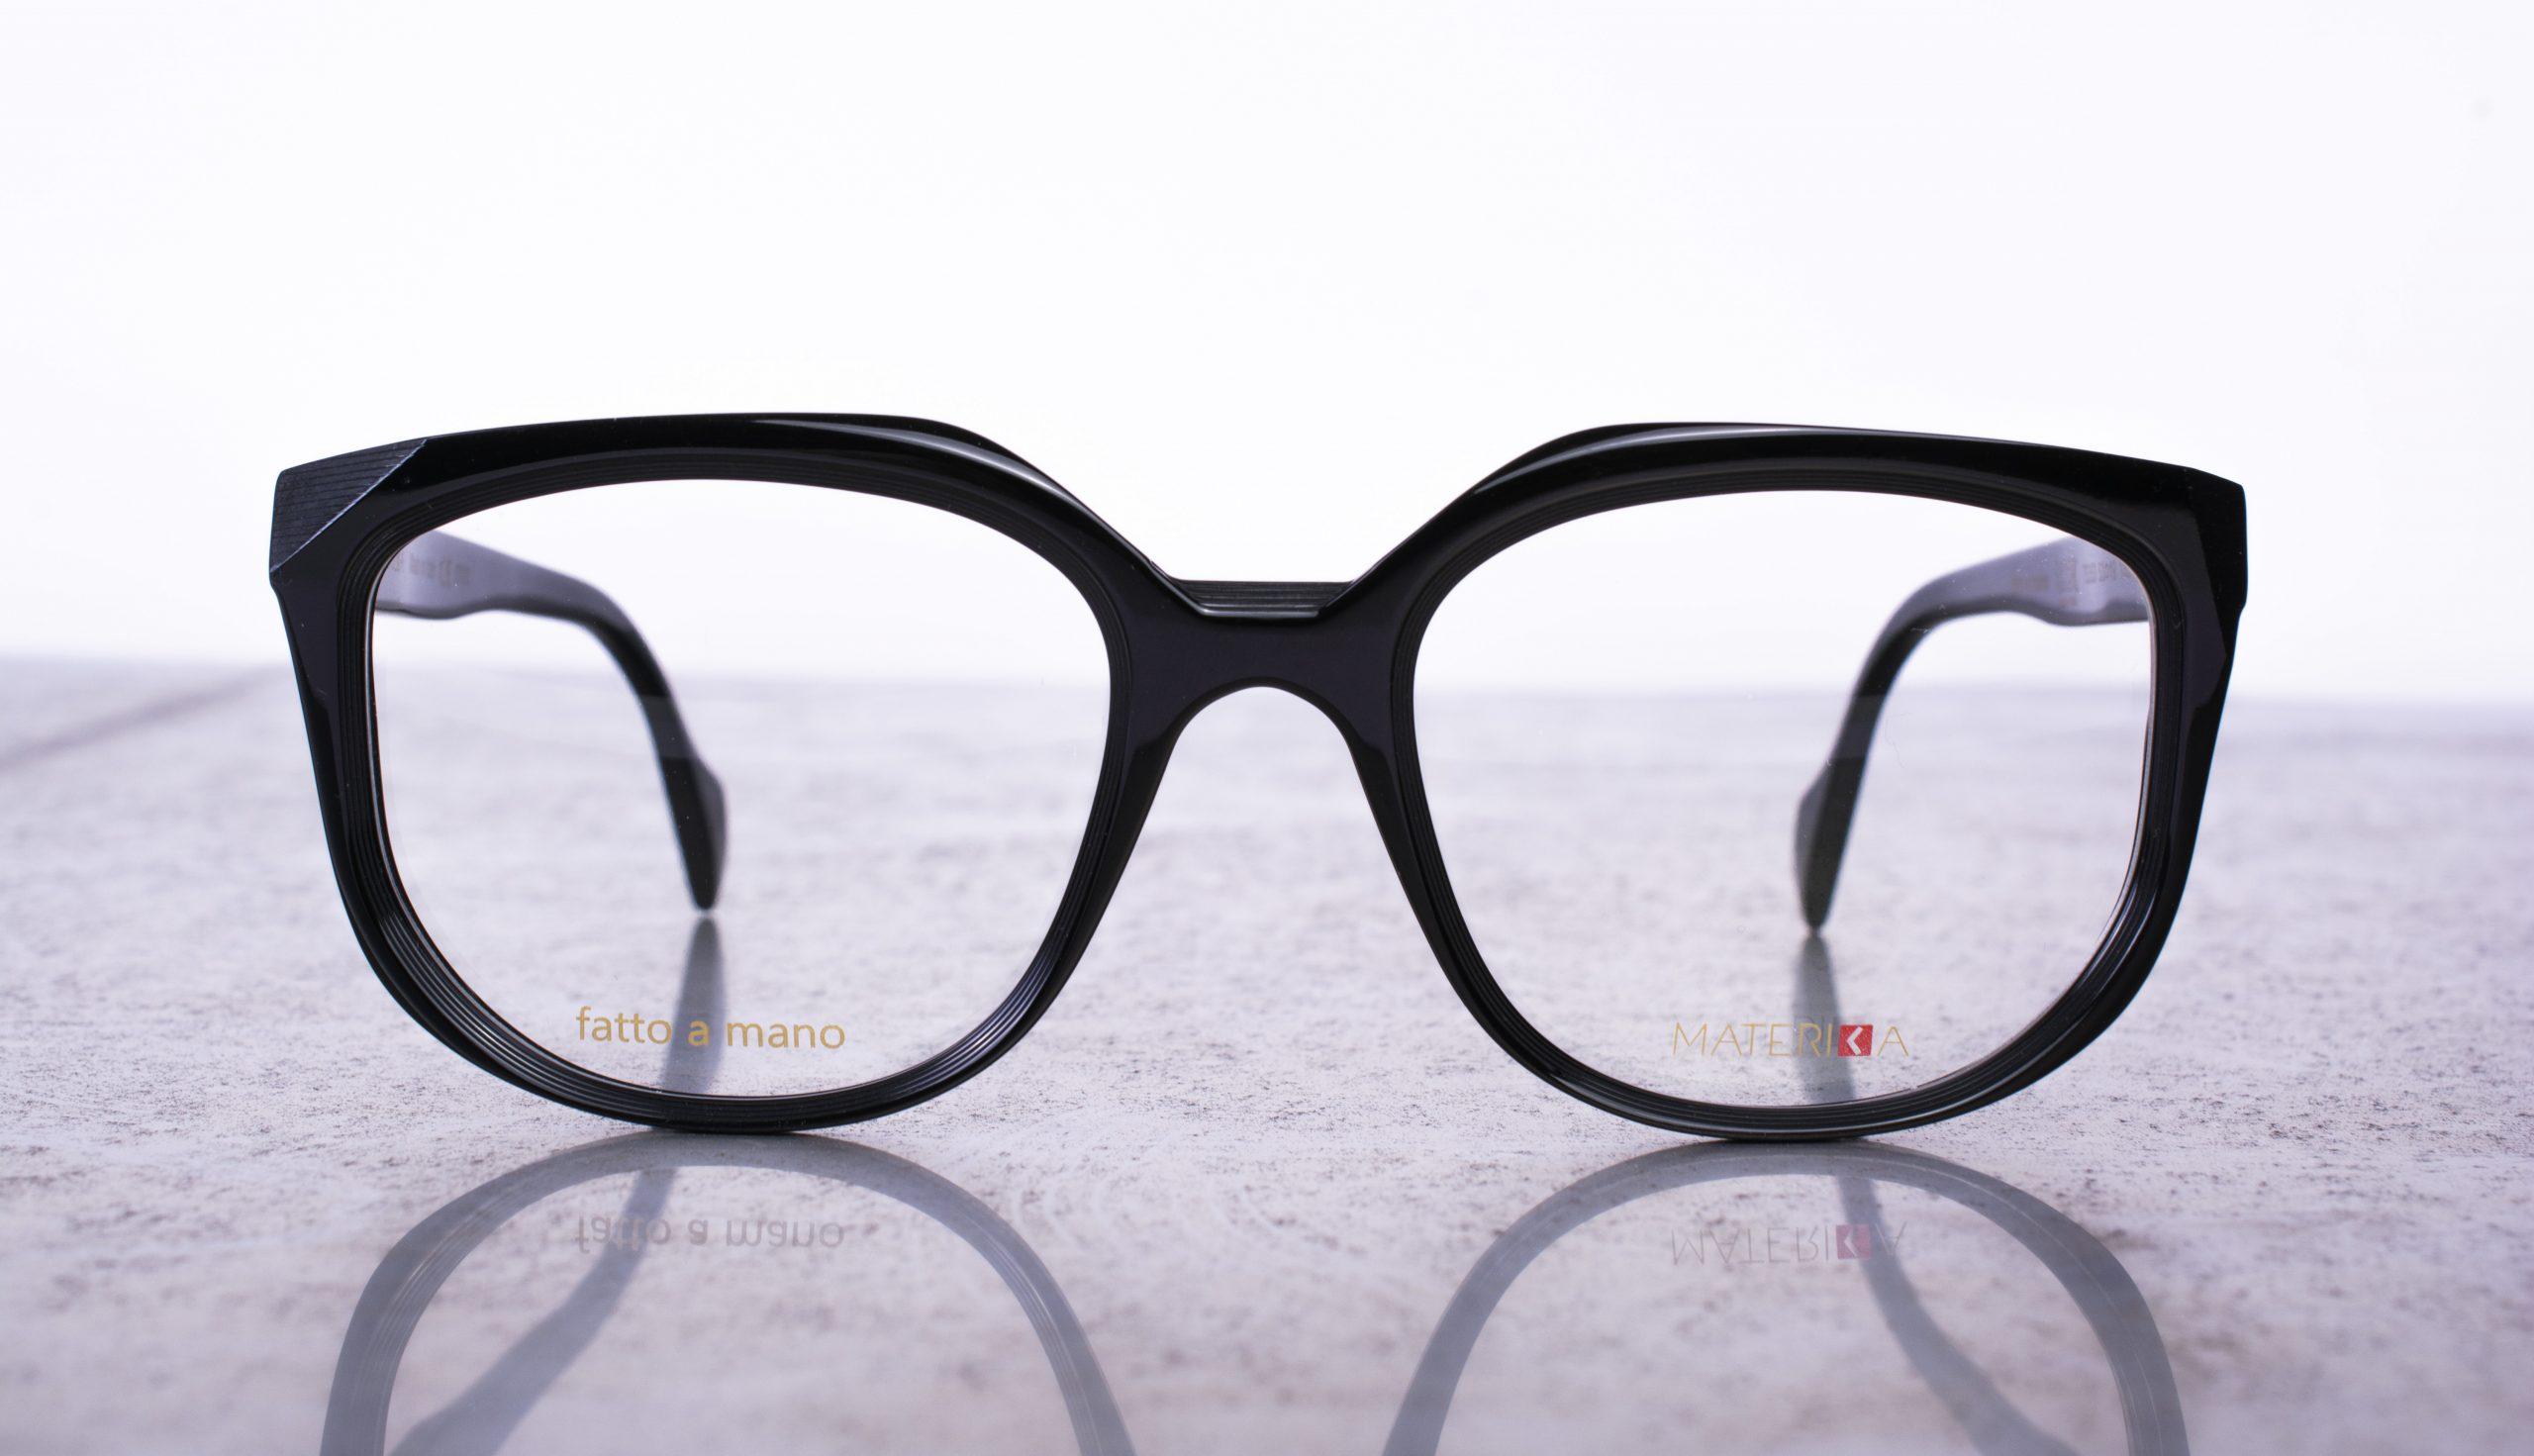 Imagem da notícia: Look-Made in Italia apresenta coleção Materika Pure Acetate